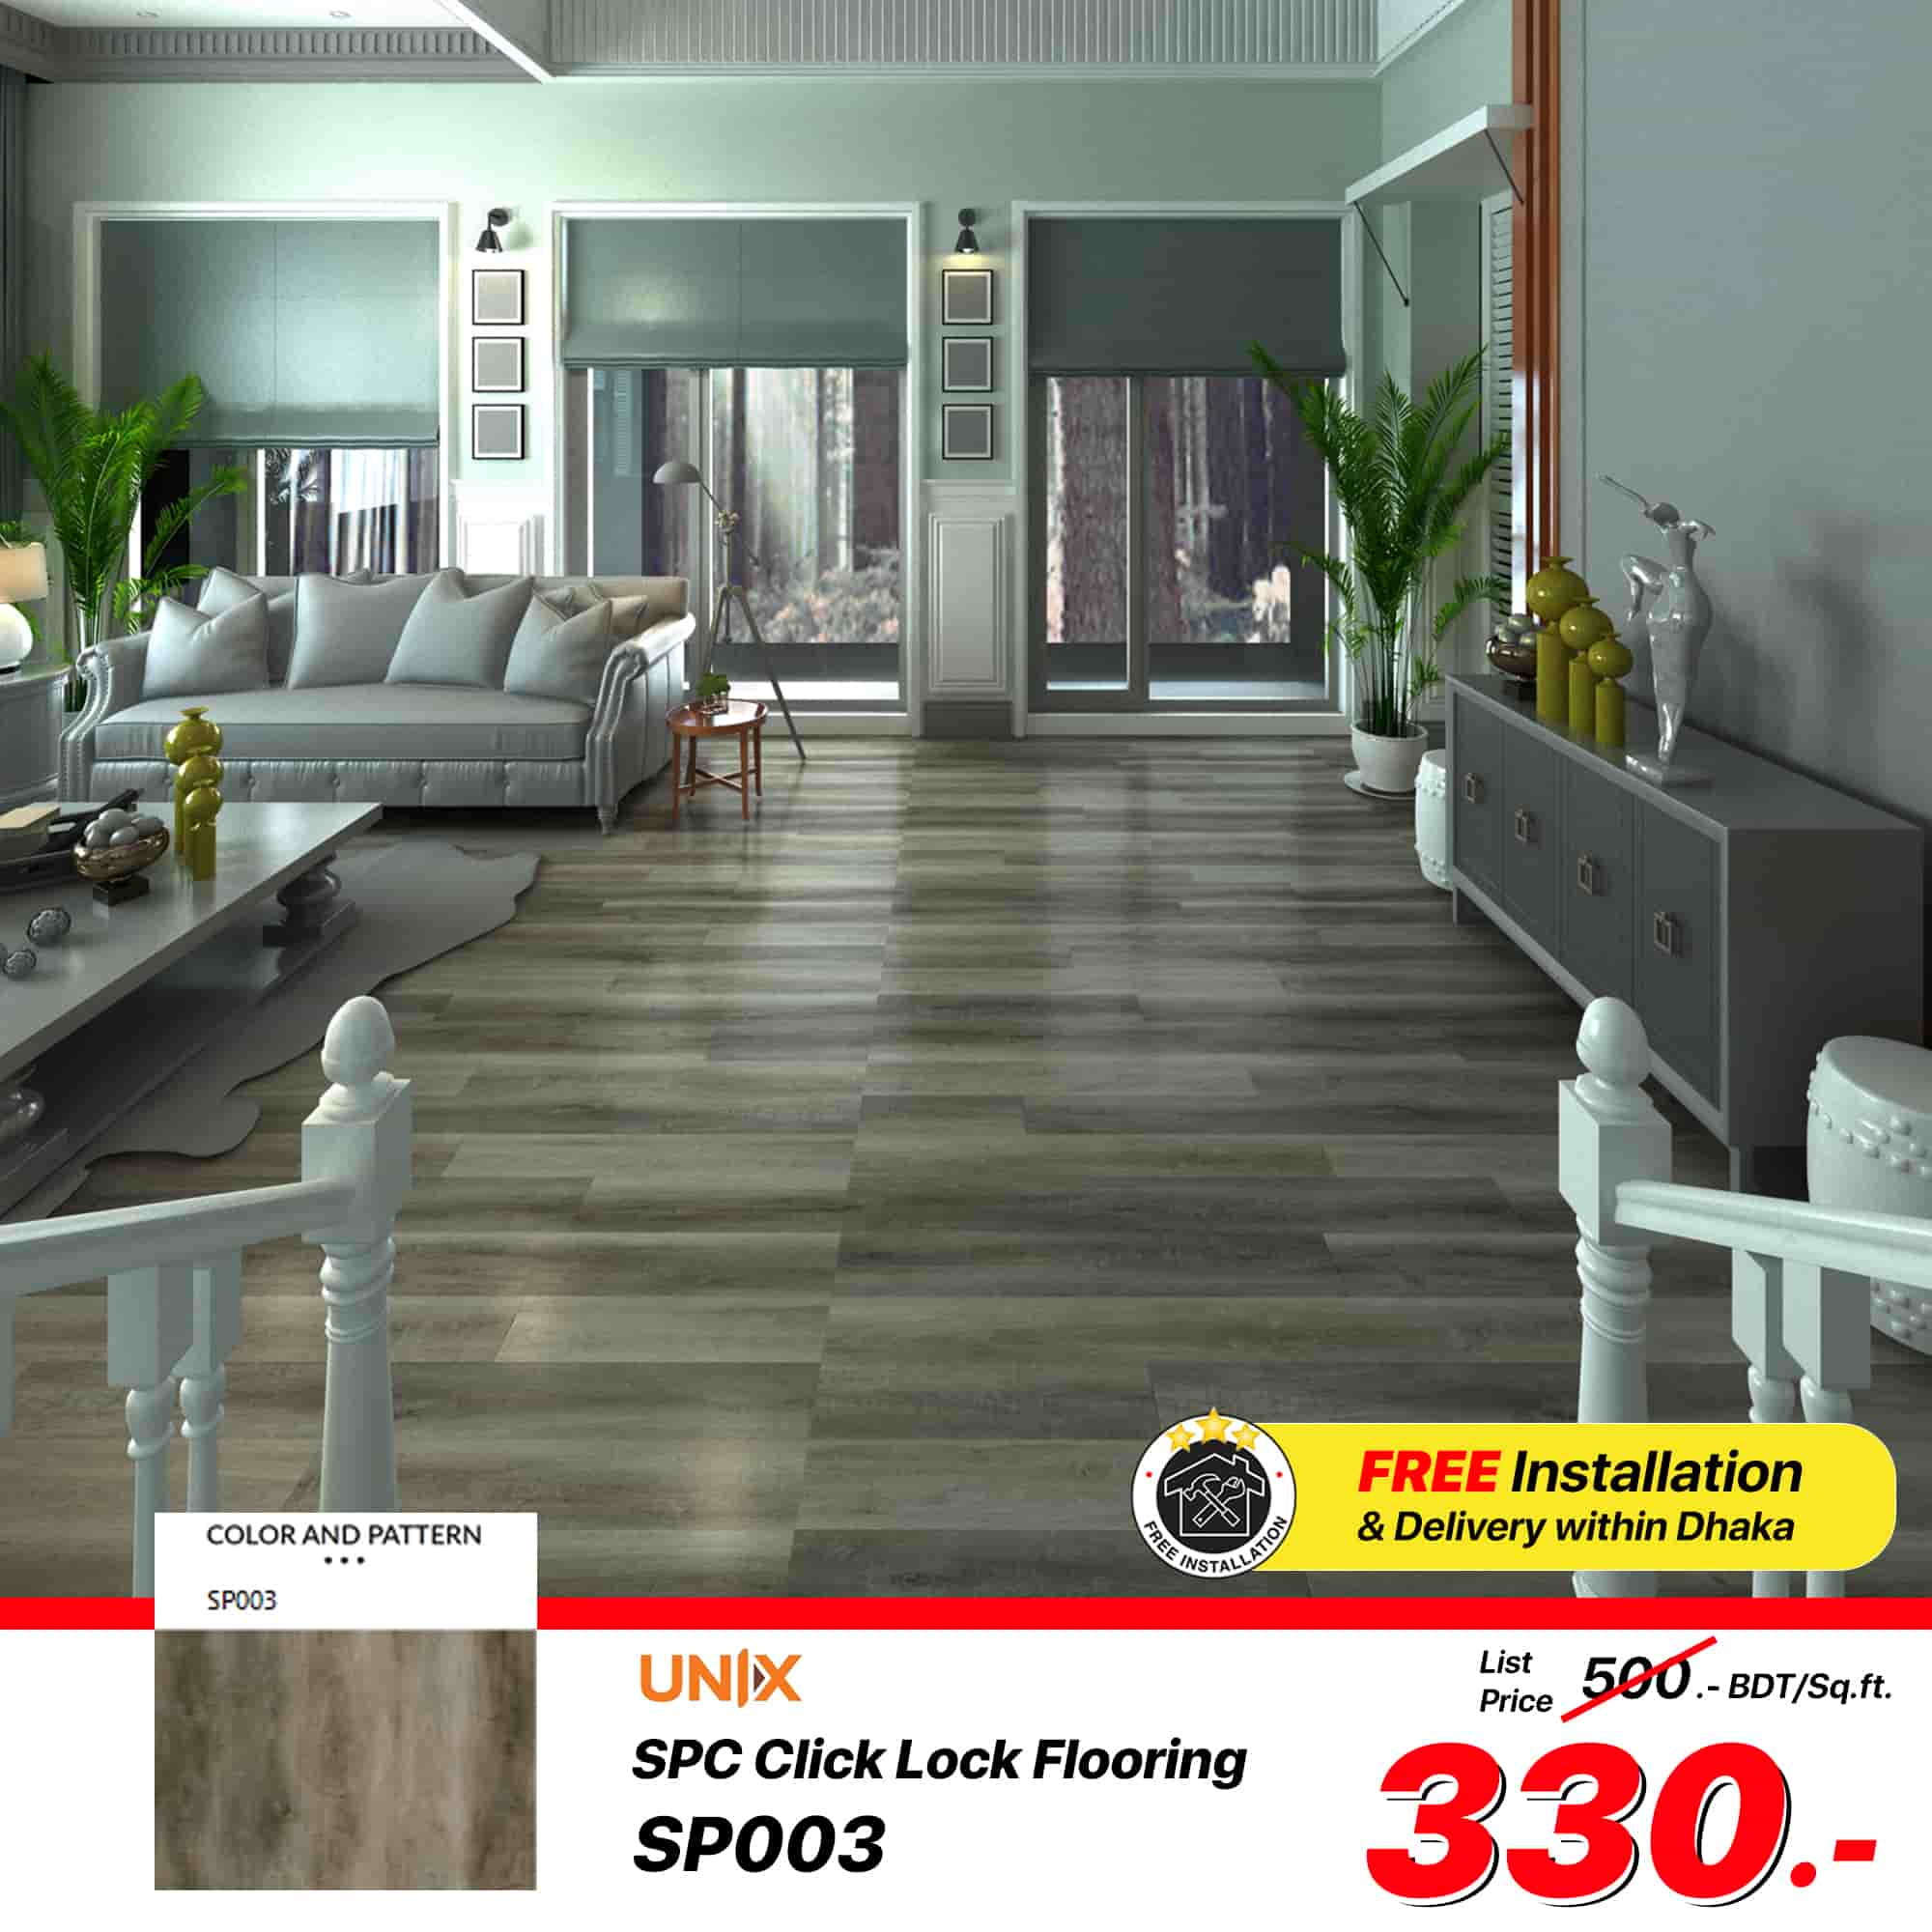 ZMARTBUILD SPC Floor -- SP003 Ads - ver 3